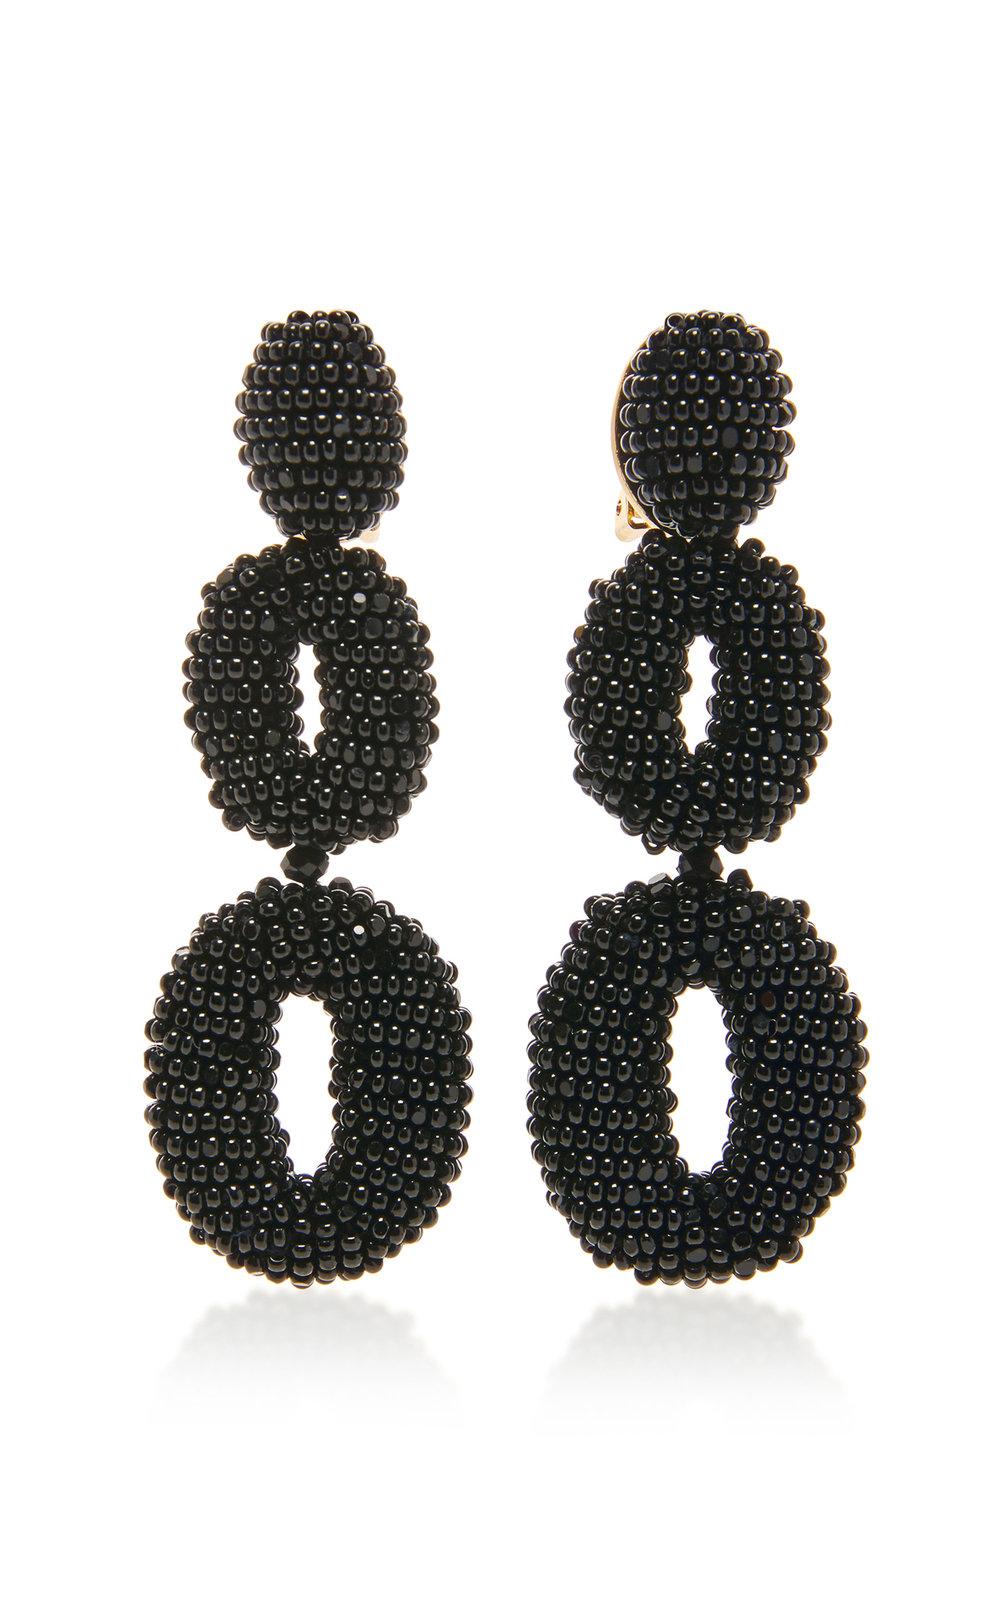 large_oscar-de-la-renta-black-beaded-double-oval-p-earring.jpg